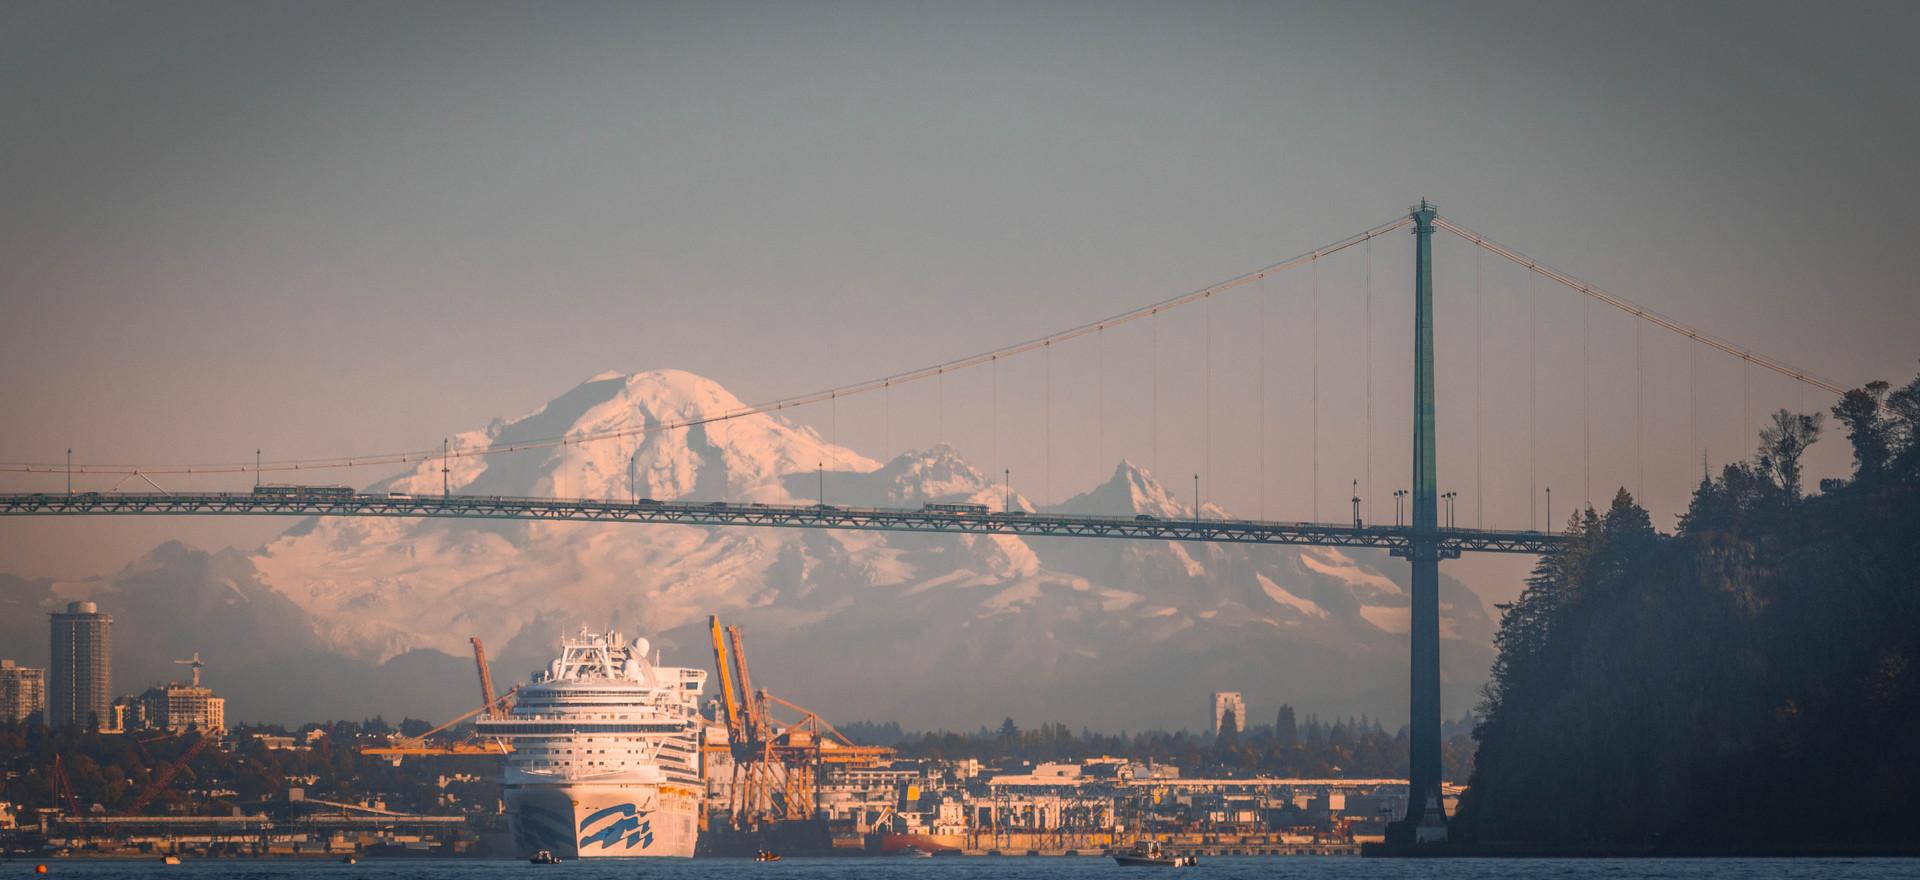 West Vancouver, B.C.